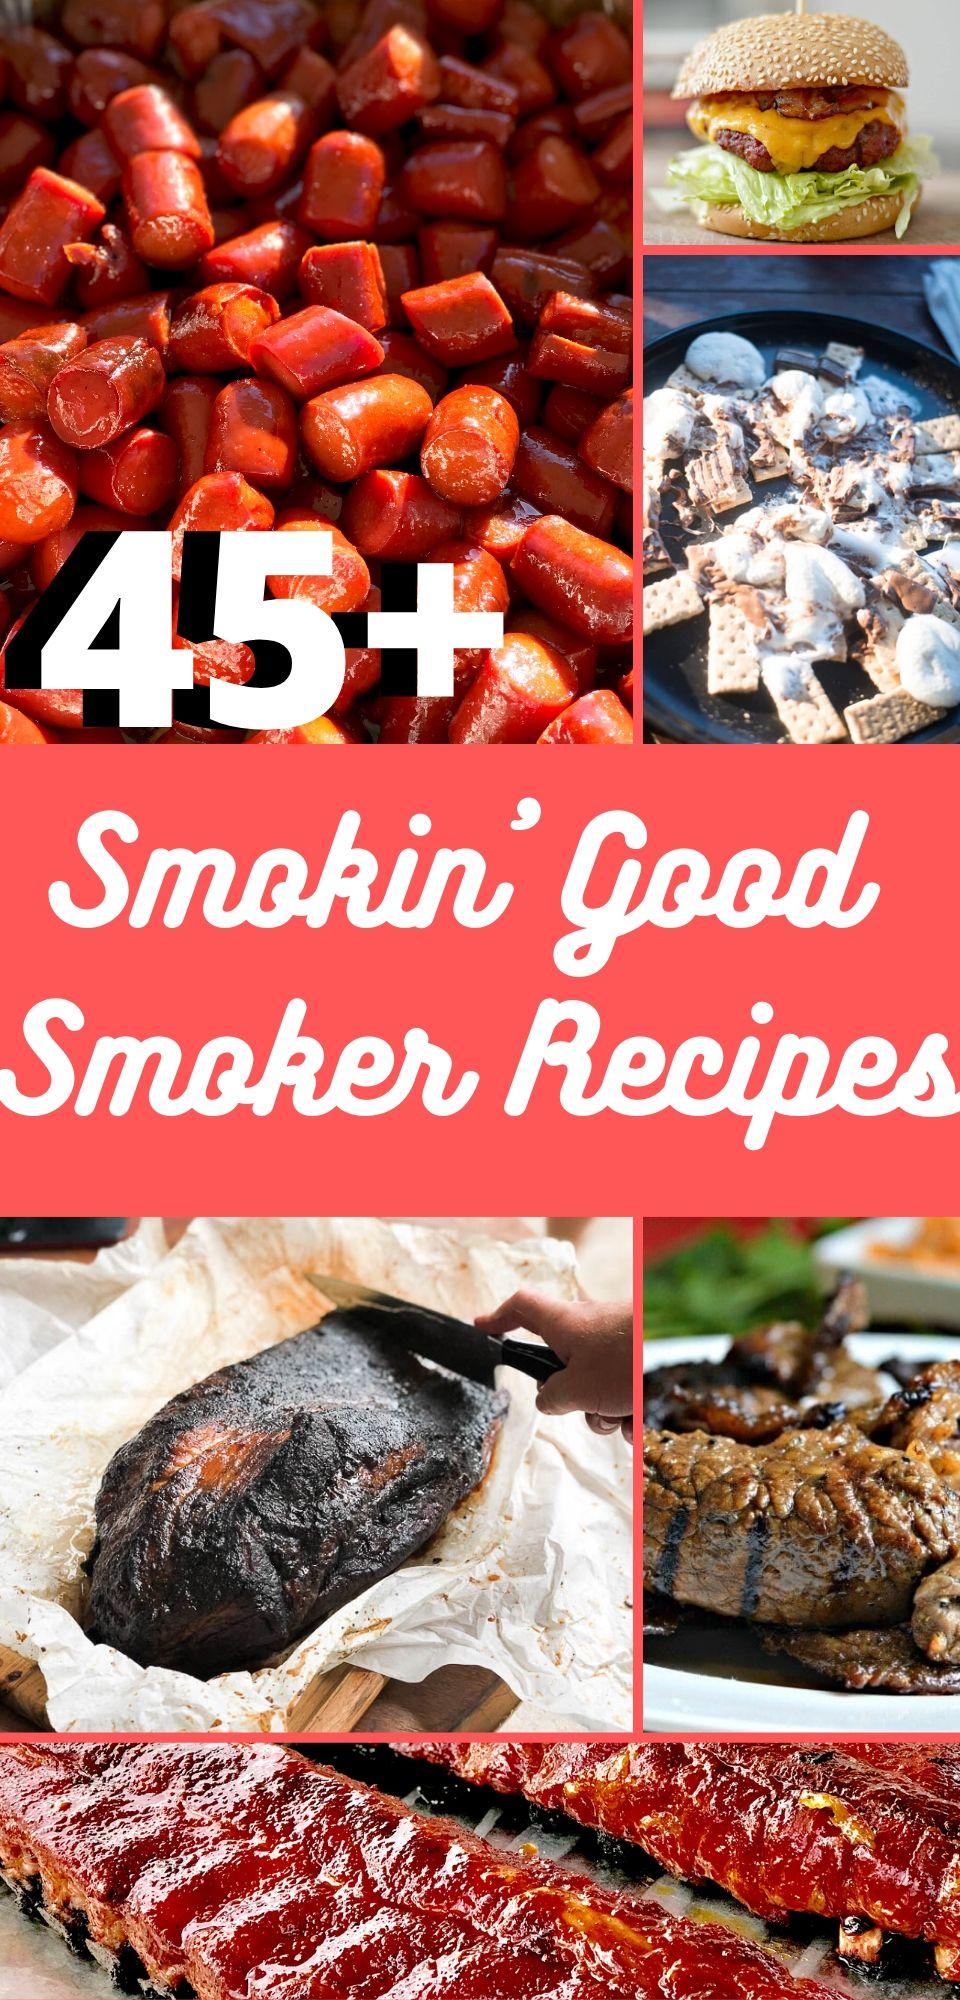 Traeger Recipes / REcipes for Traeger / Smoking REcipes / Smoker Recipes / Traeger / Grill Recipes / Outdoor Cooking #Traeger #TraegerRecipes #TraegerGrill #Smoker #Smoking via @clarkscondensed